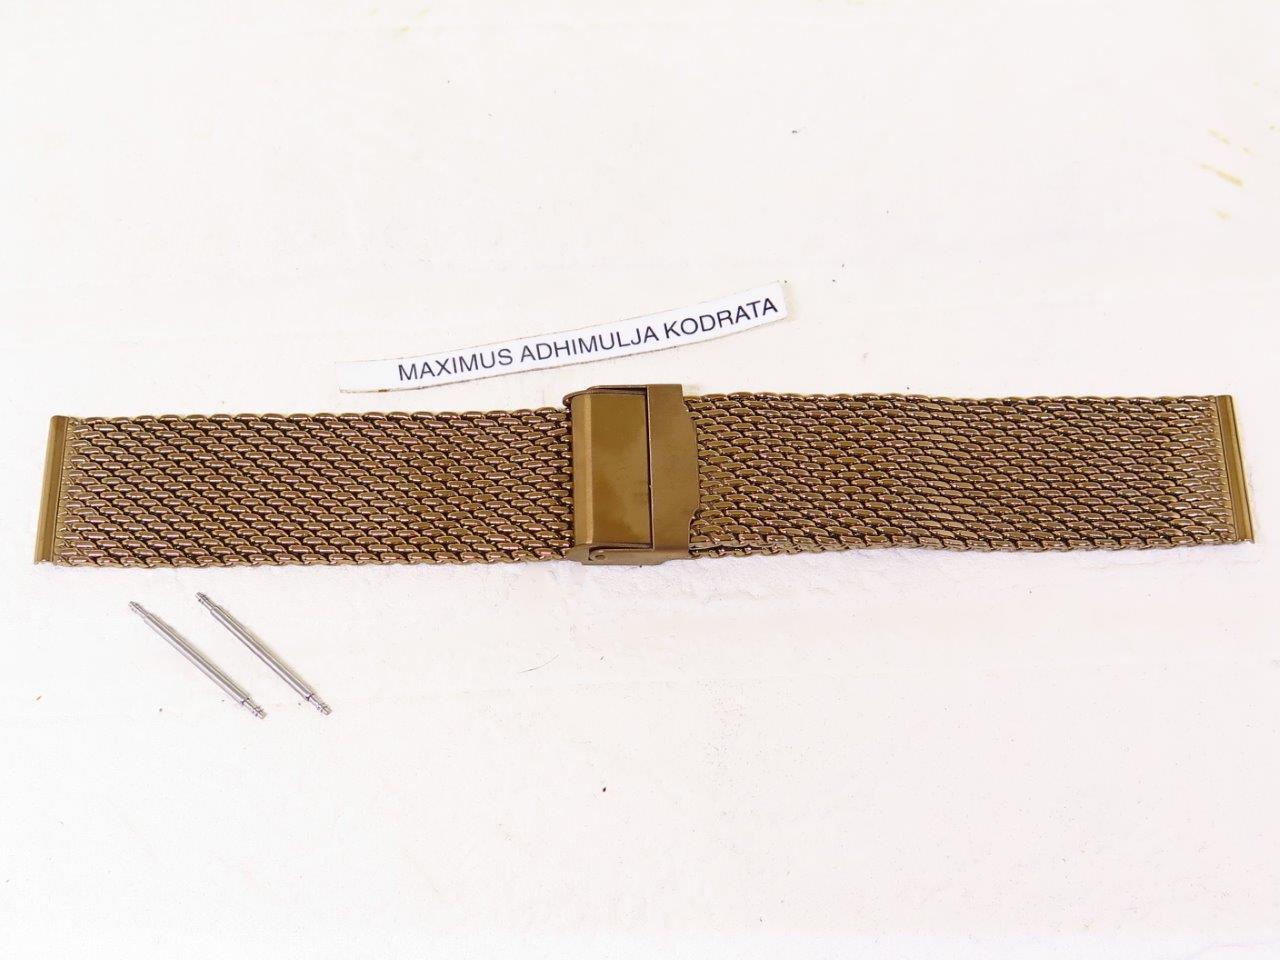 MESH BRACELET BRONZE COLOUR MILANESE STAINLESS STEEL 22mm